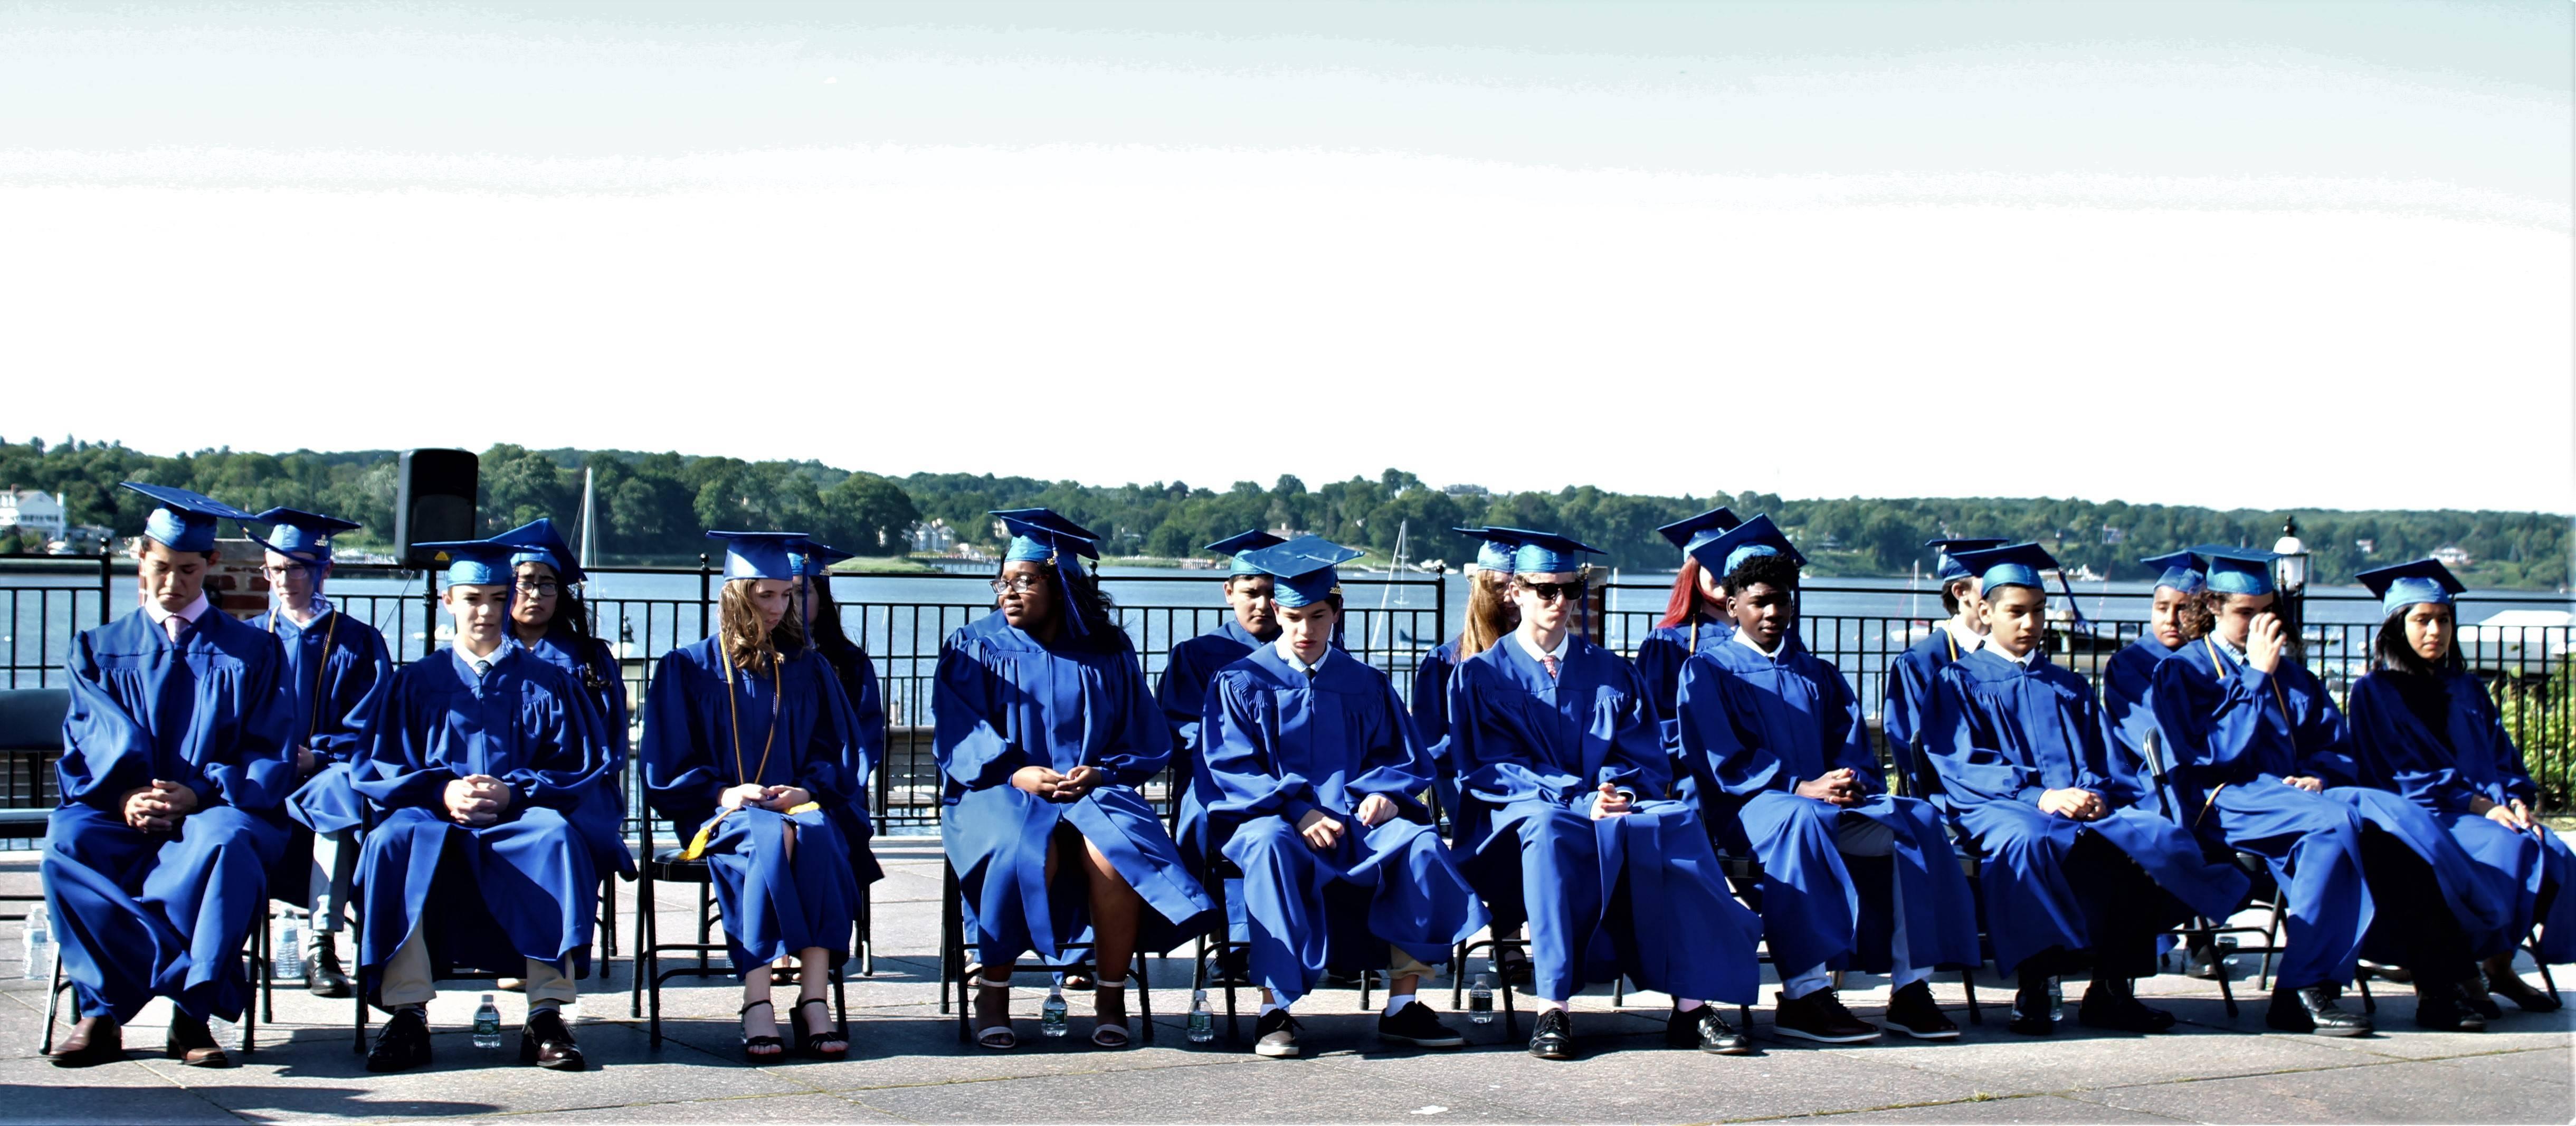 514865ab3d611a415ca7_RBCS_Graduates.JPG